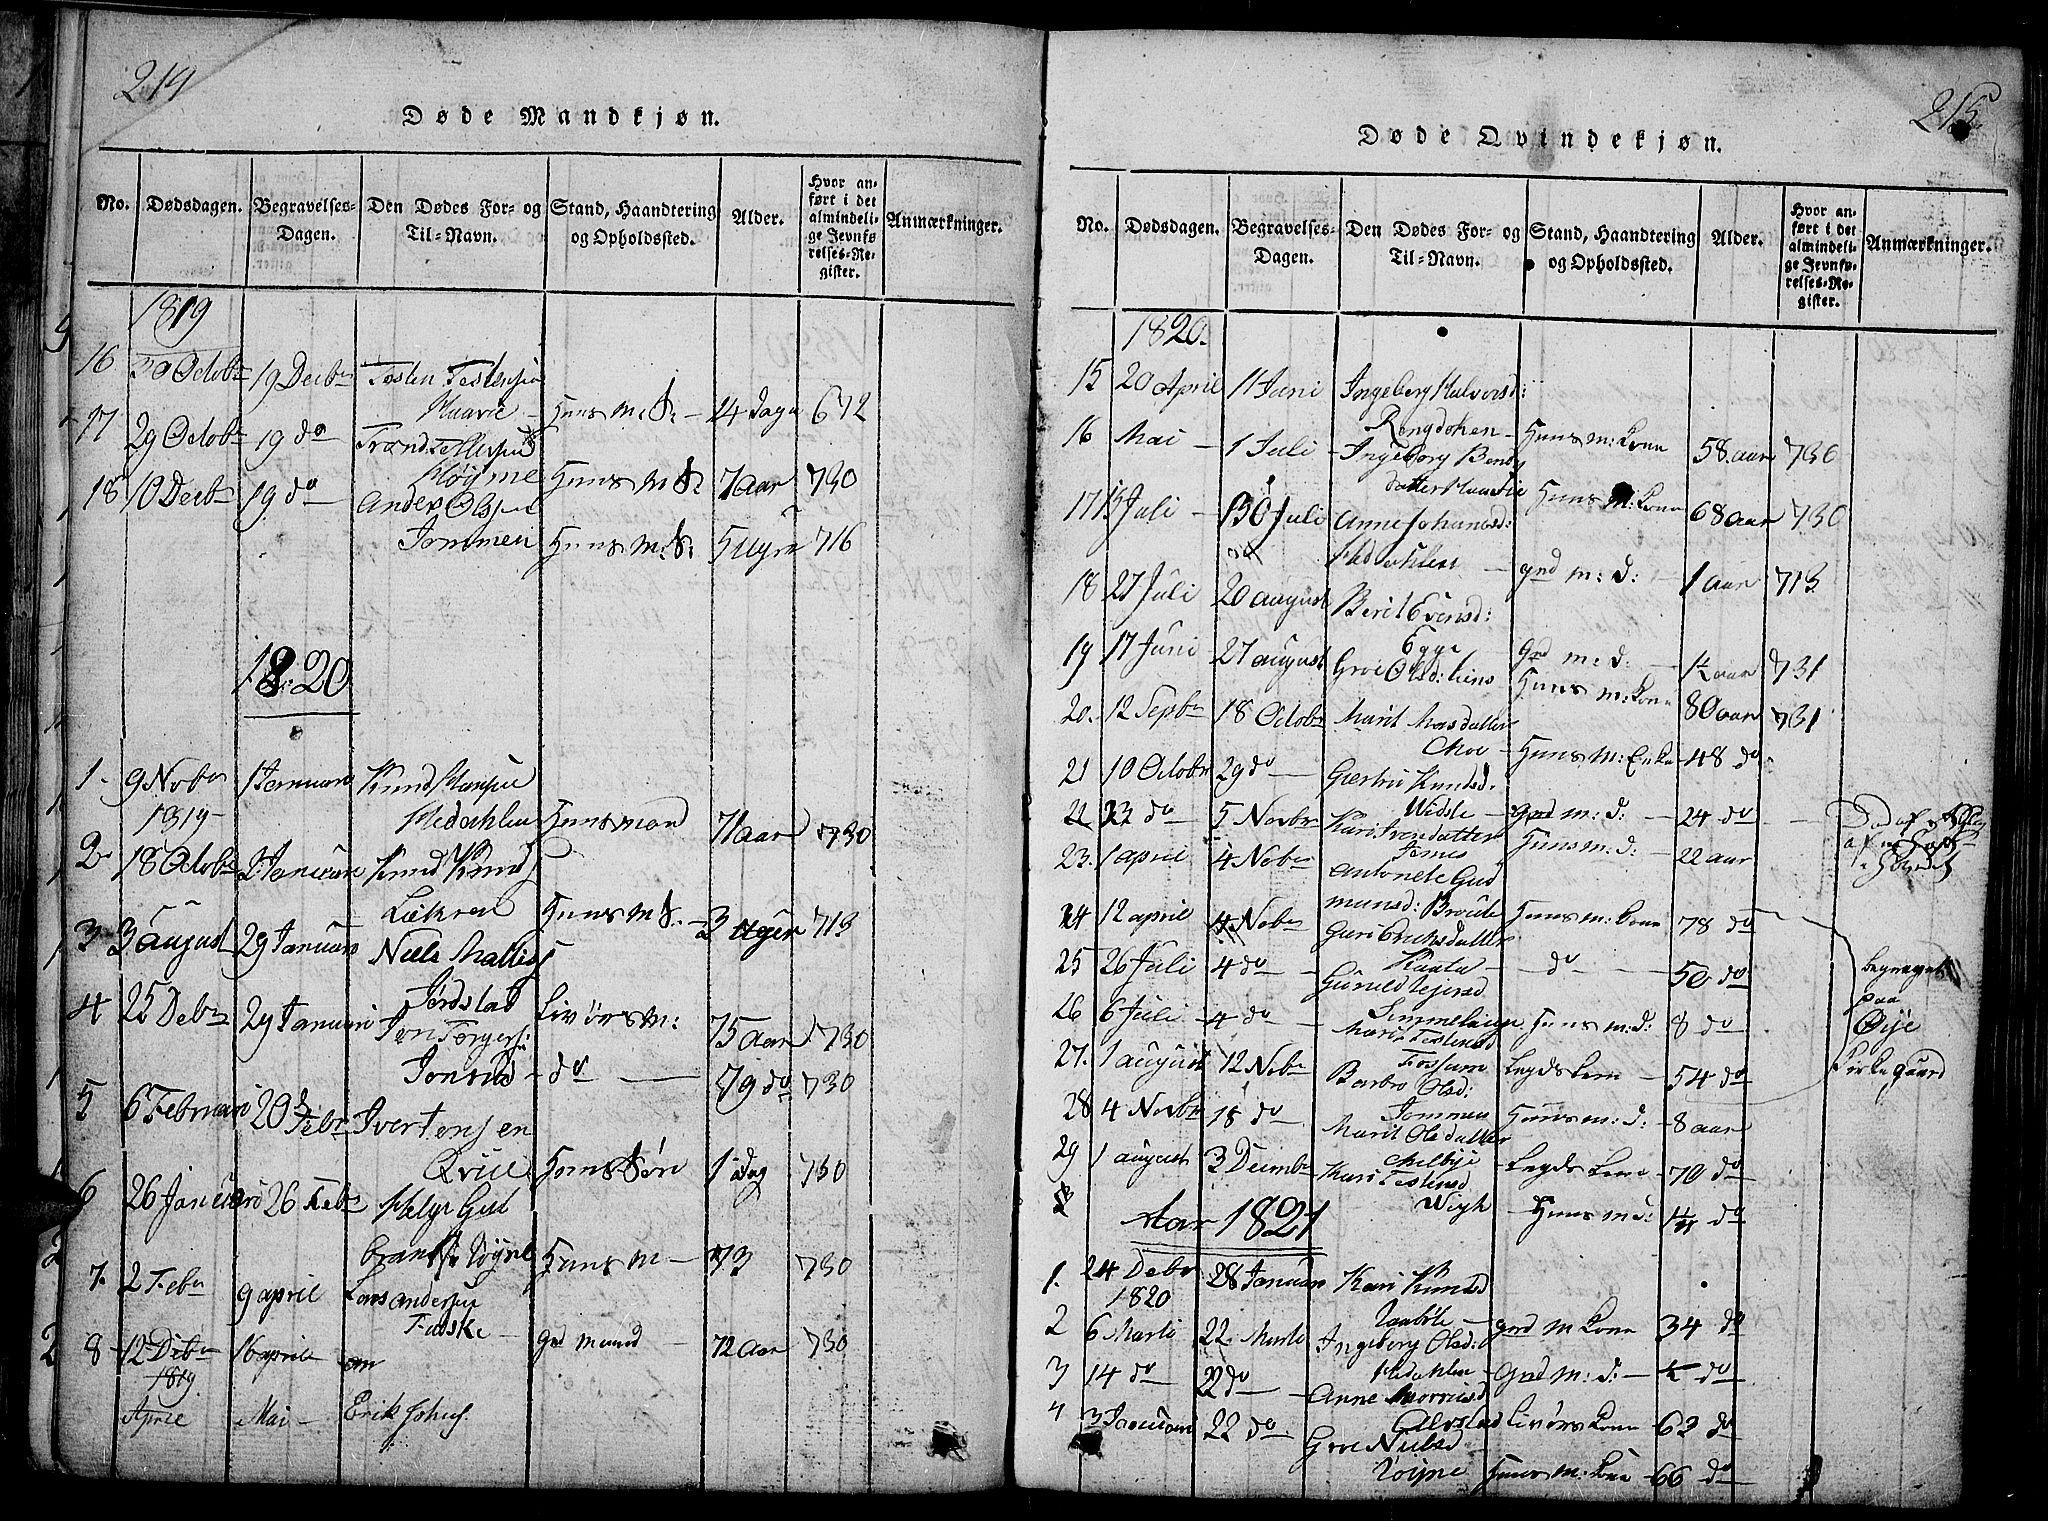 SAH, Slidre prestekontor, Ministerialbok nr. 2, 1814-1830, s. 214-215